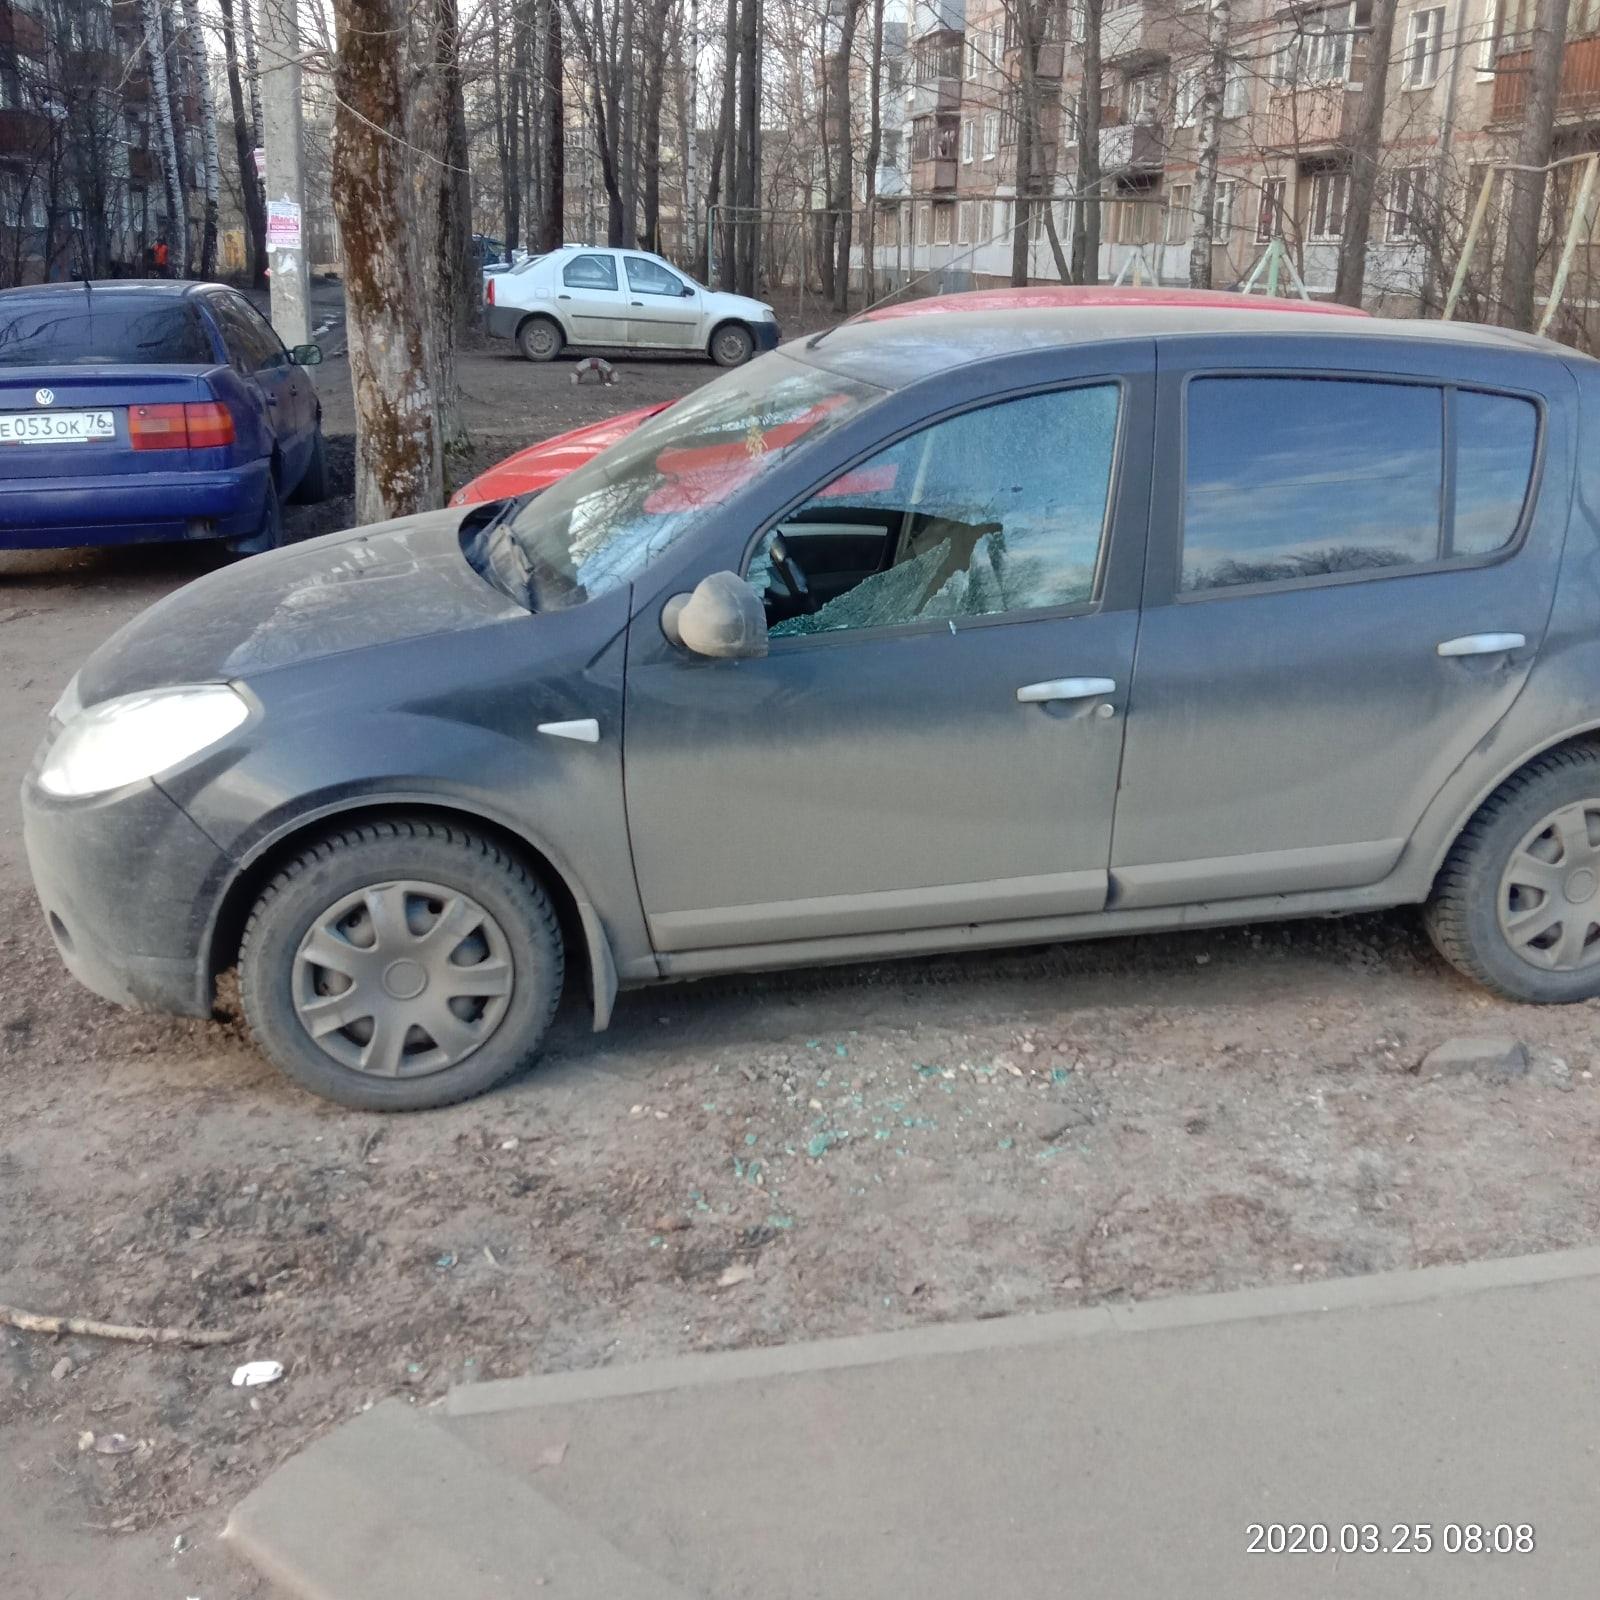 В Ярославле разошлись вандалы: неизвестные обстреляли маршрутку с пассажирами, разбили стекло в машине и витрину ларька